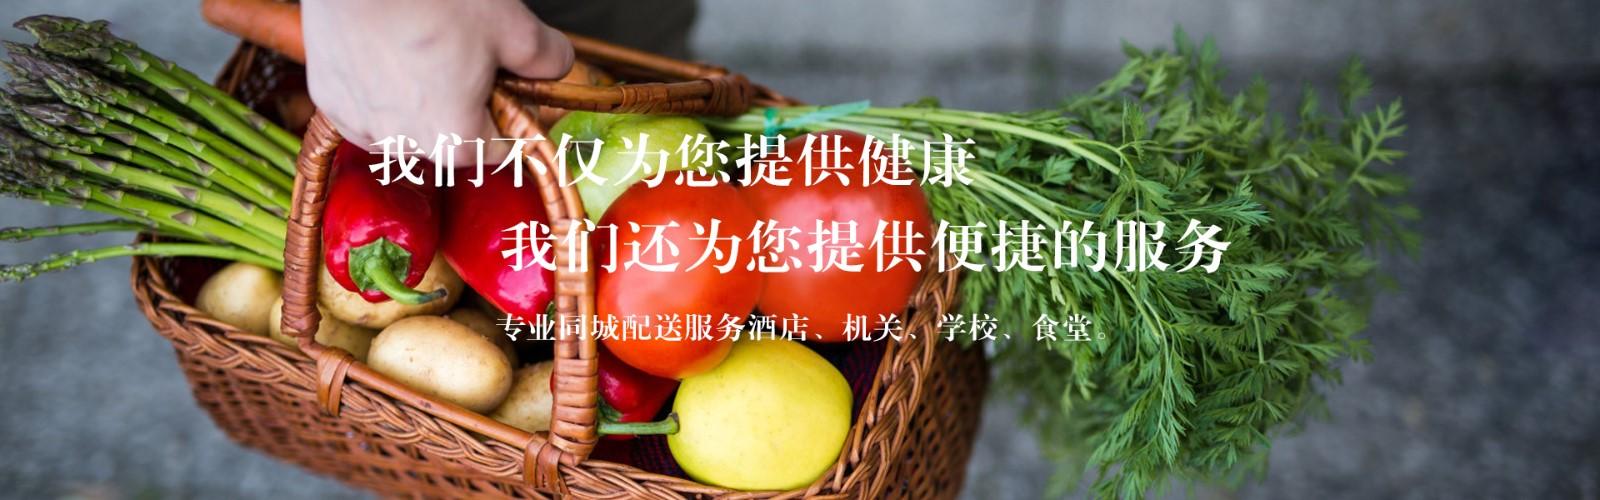 成都市录超农业有限责任公司